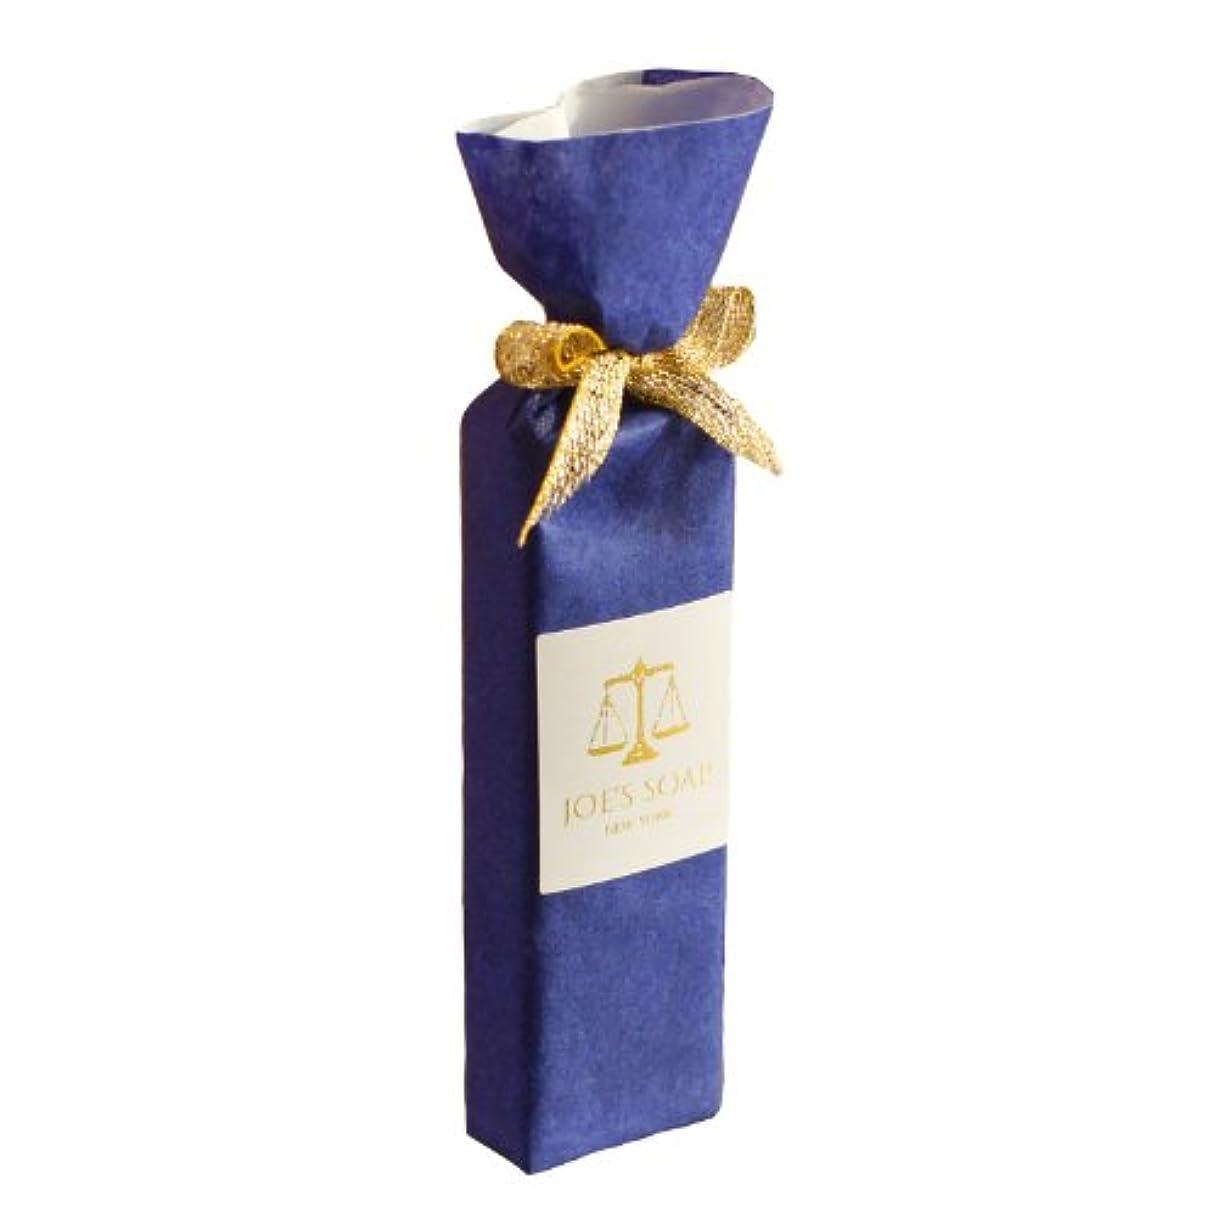 シングルエンディングロボットJOE'S SOAP ジョーズソープ オリーブソープ NO.5 LAVENDER ラベンダー20g お試し トライアル 無添加  石鹸 オーガニック 保湿 洗顔 乾燥肌 敏感肌